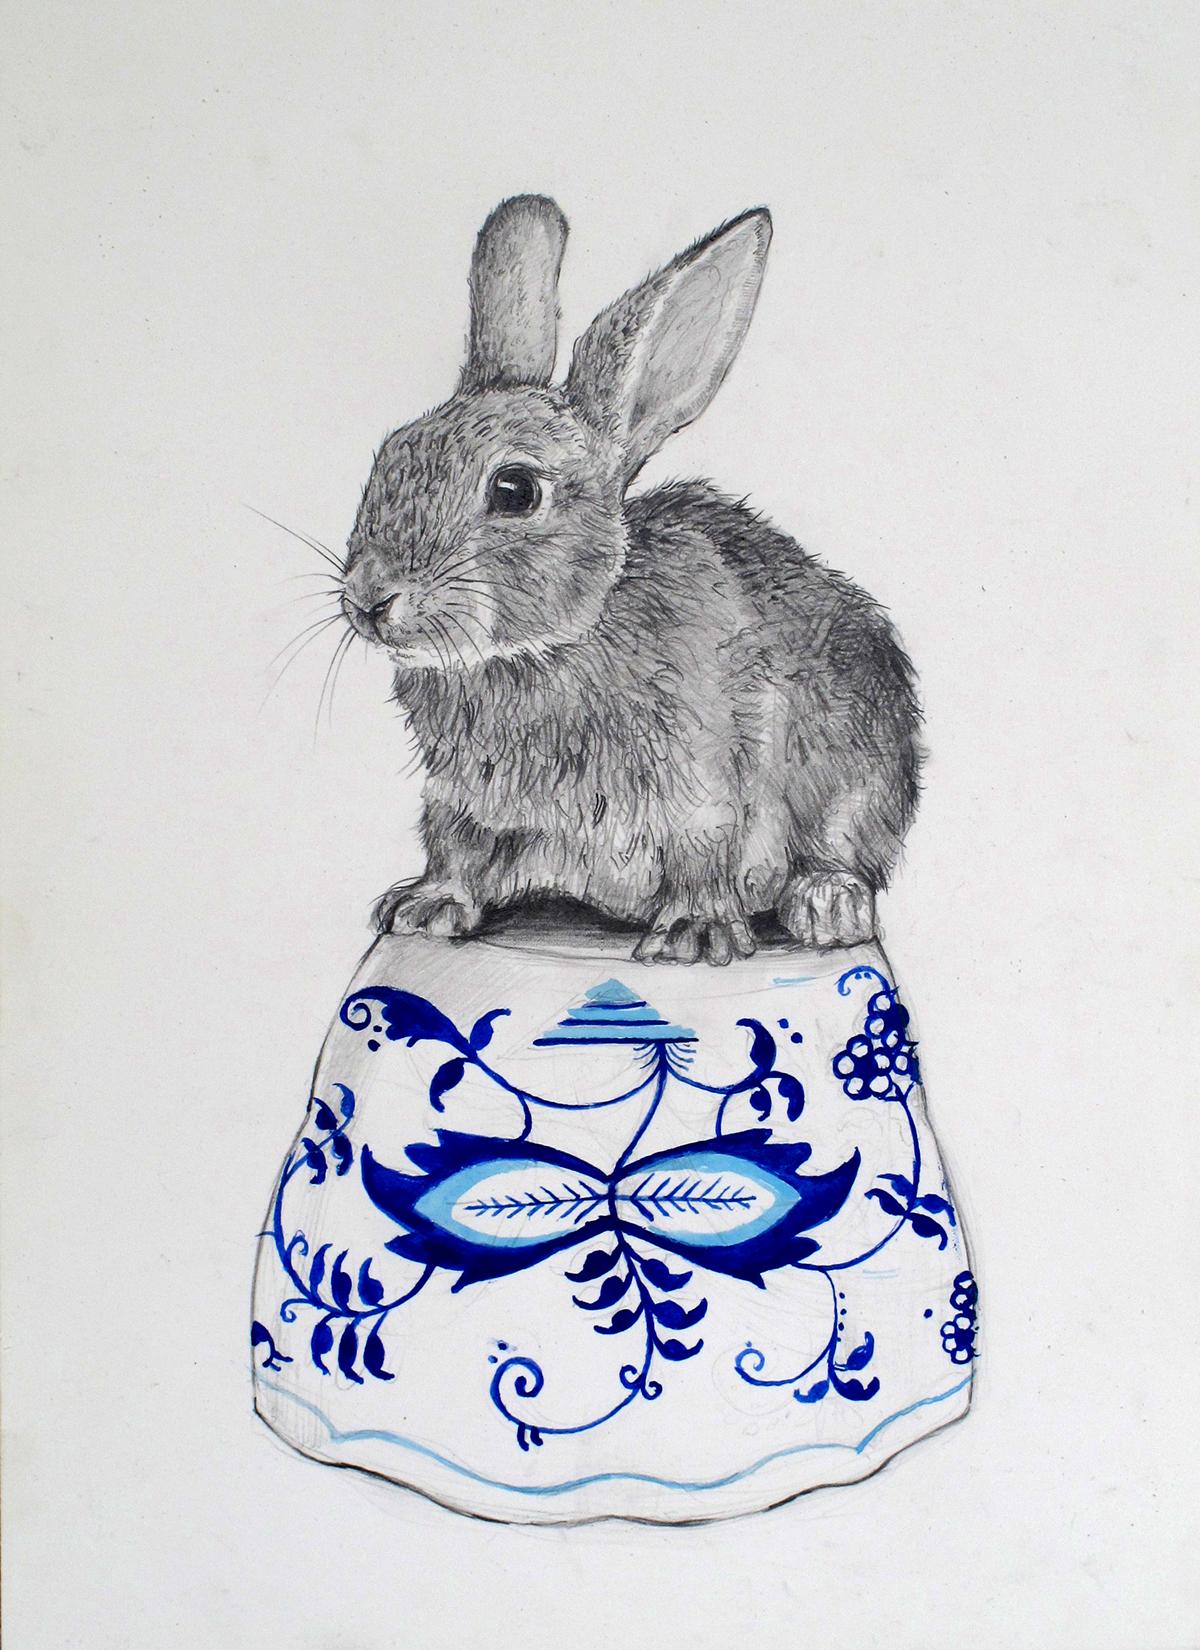 animals dometic graphite watercolor